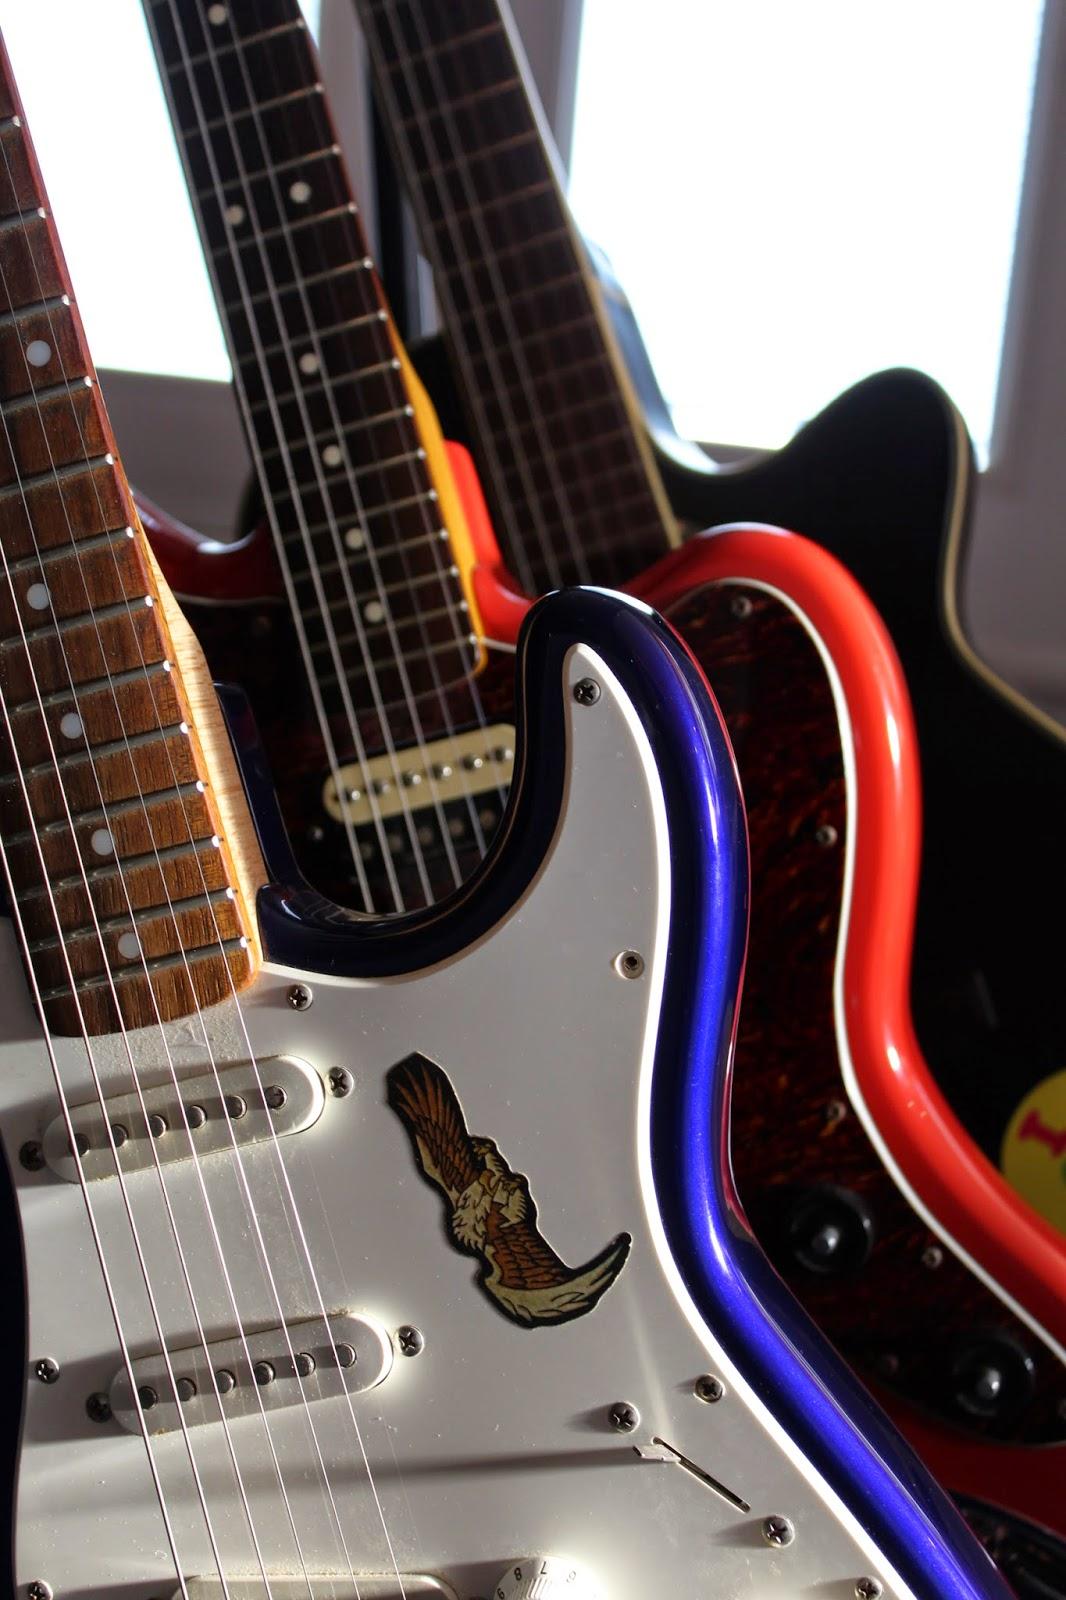 Queens Over Kings guitars